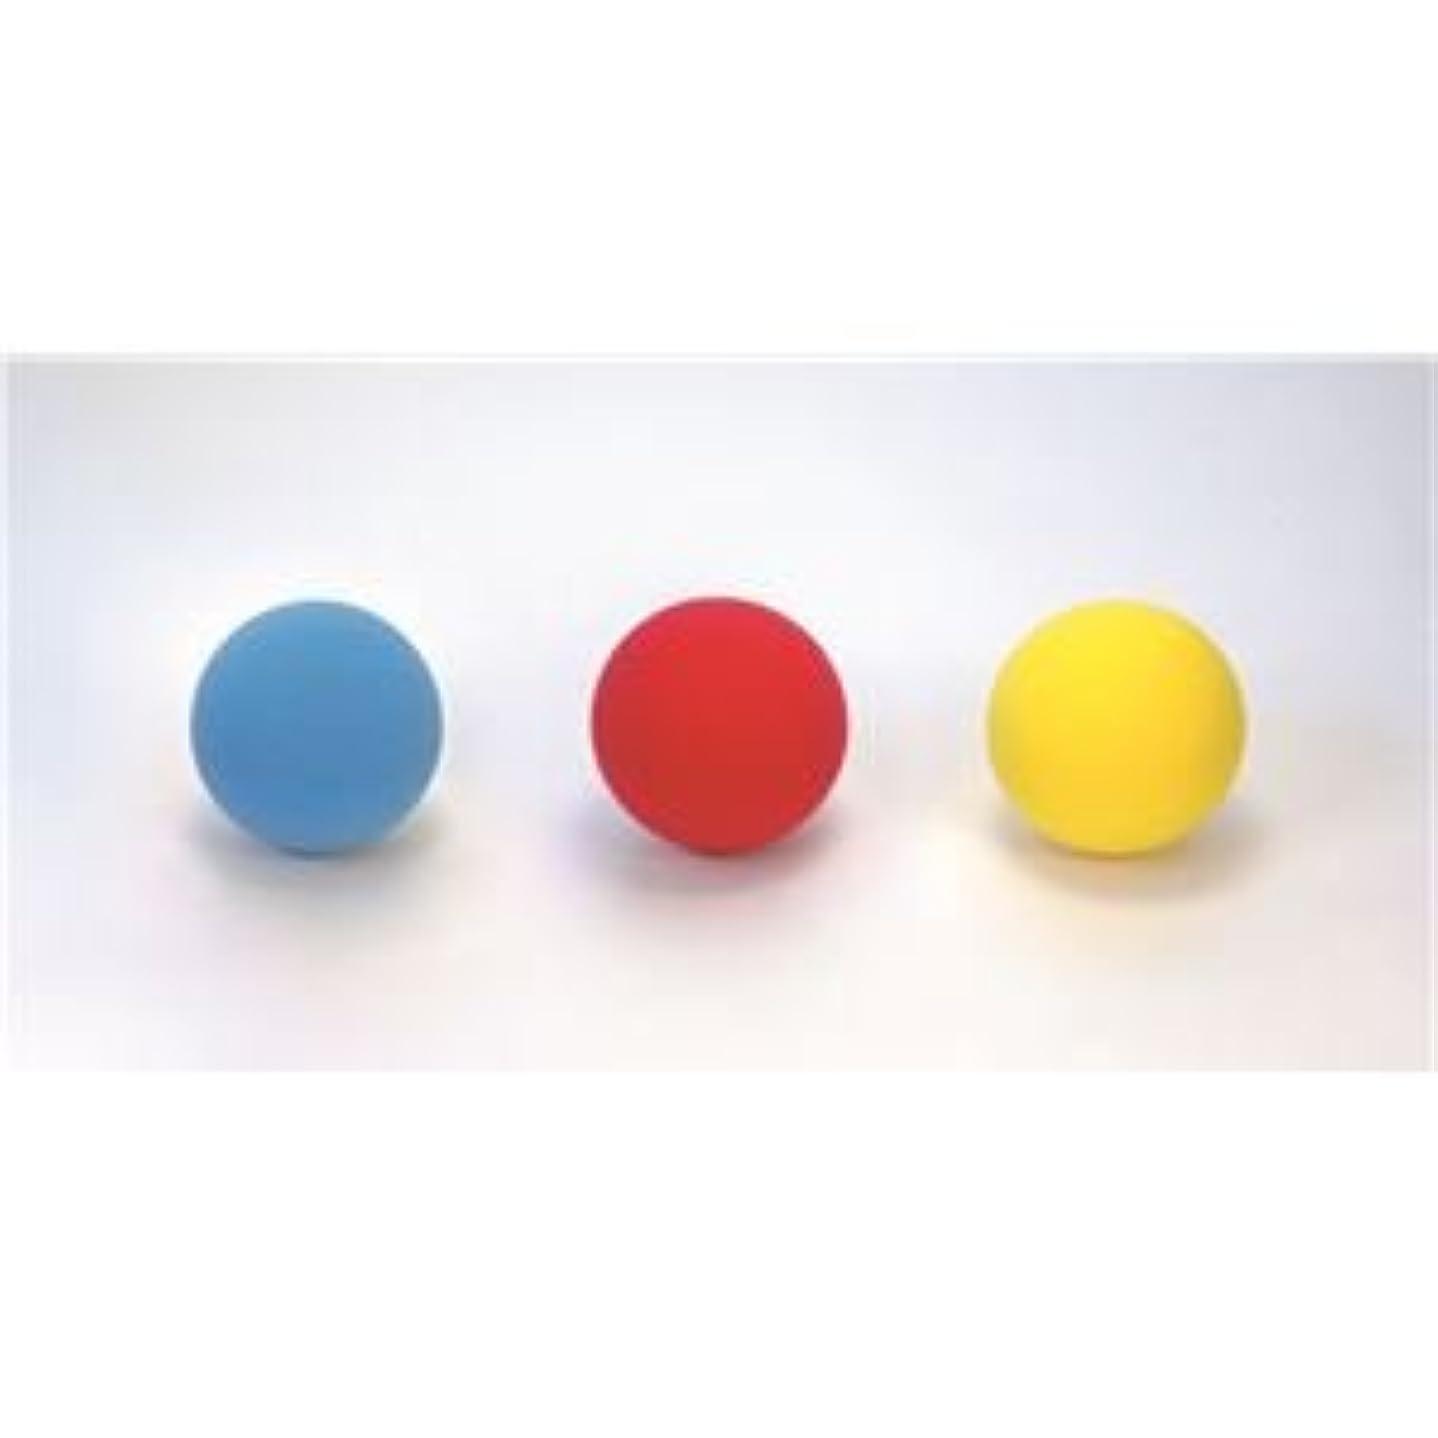 悪意ハウジングパケットTOEI LIGHT(トーエイライト) ソフトハイバウンズボール150 B3464Y イエロー1点